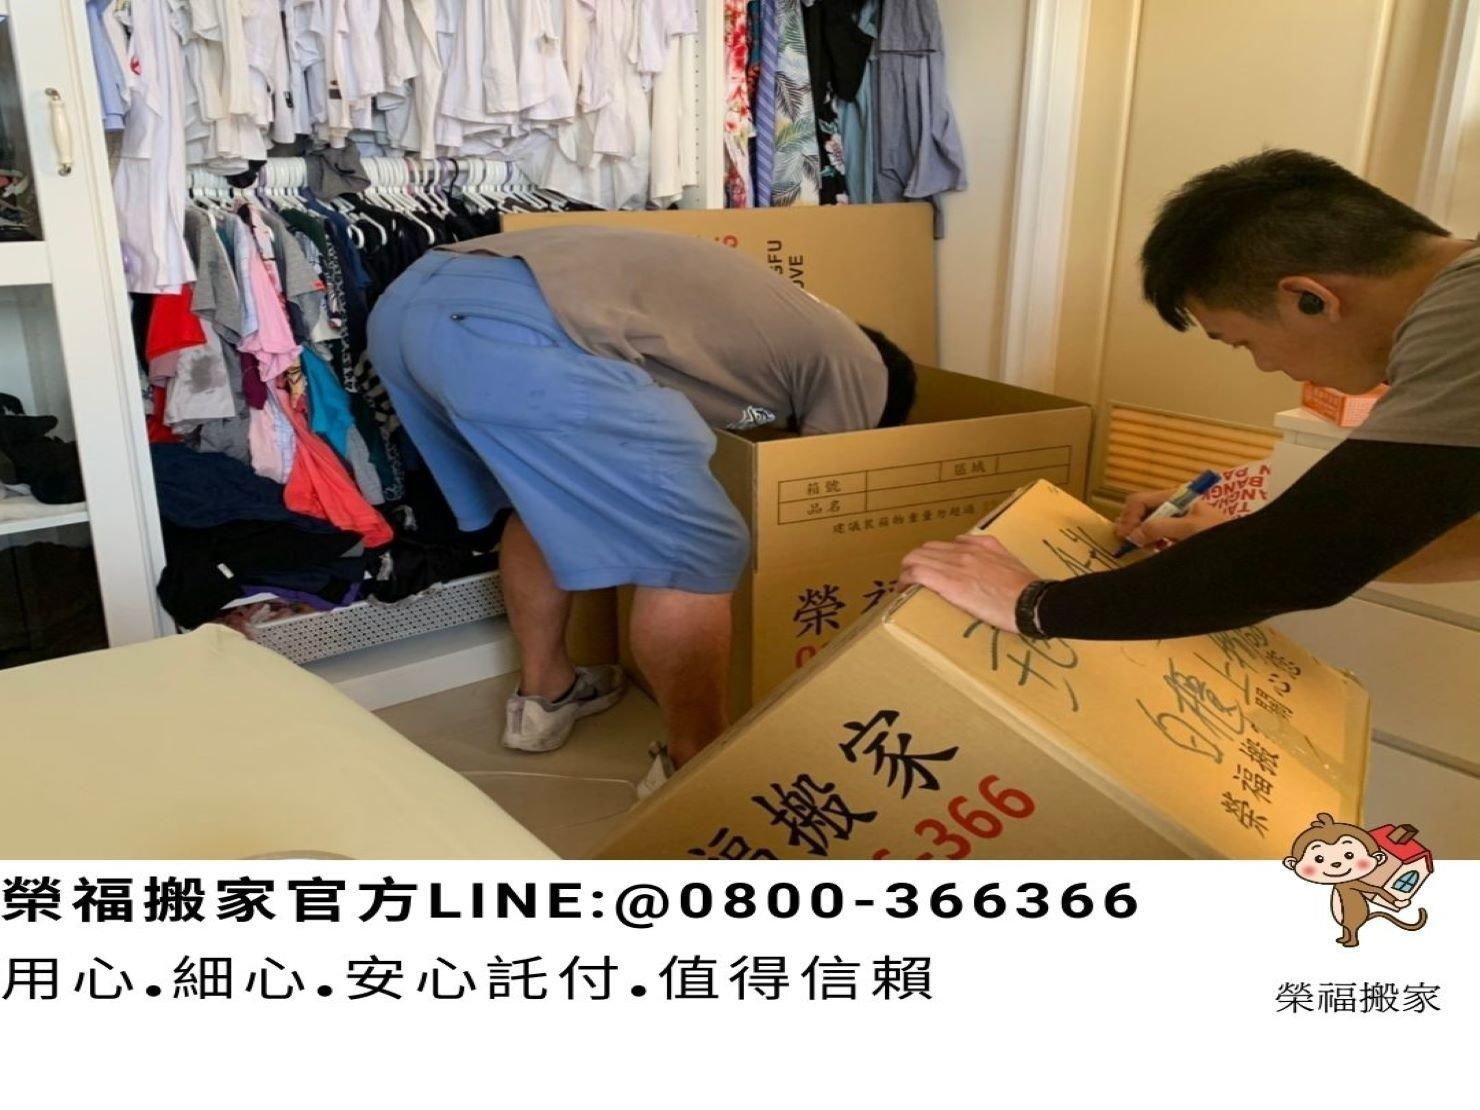 【搬家實錄】台北搬家精緻包裝服務,再運送至基隆港貨櫃集散站